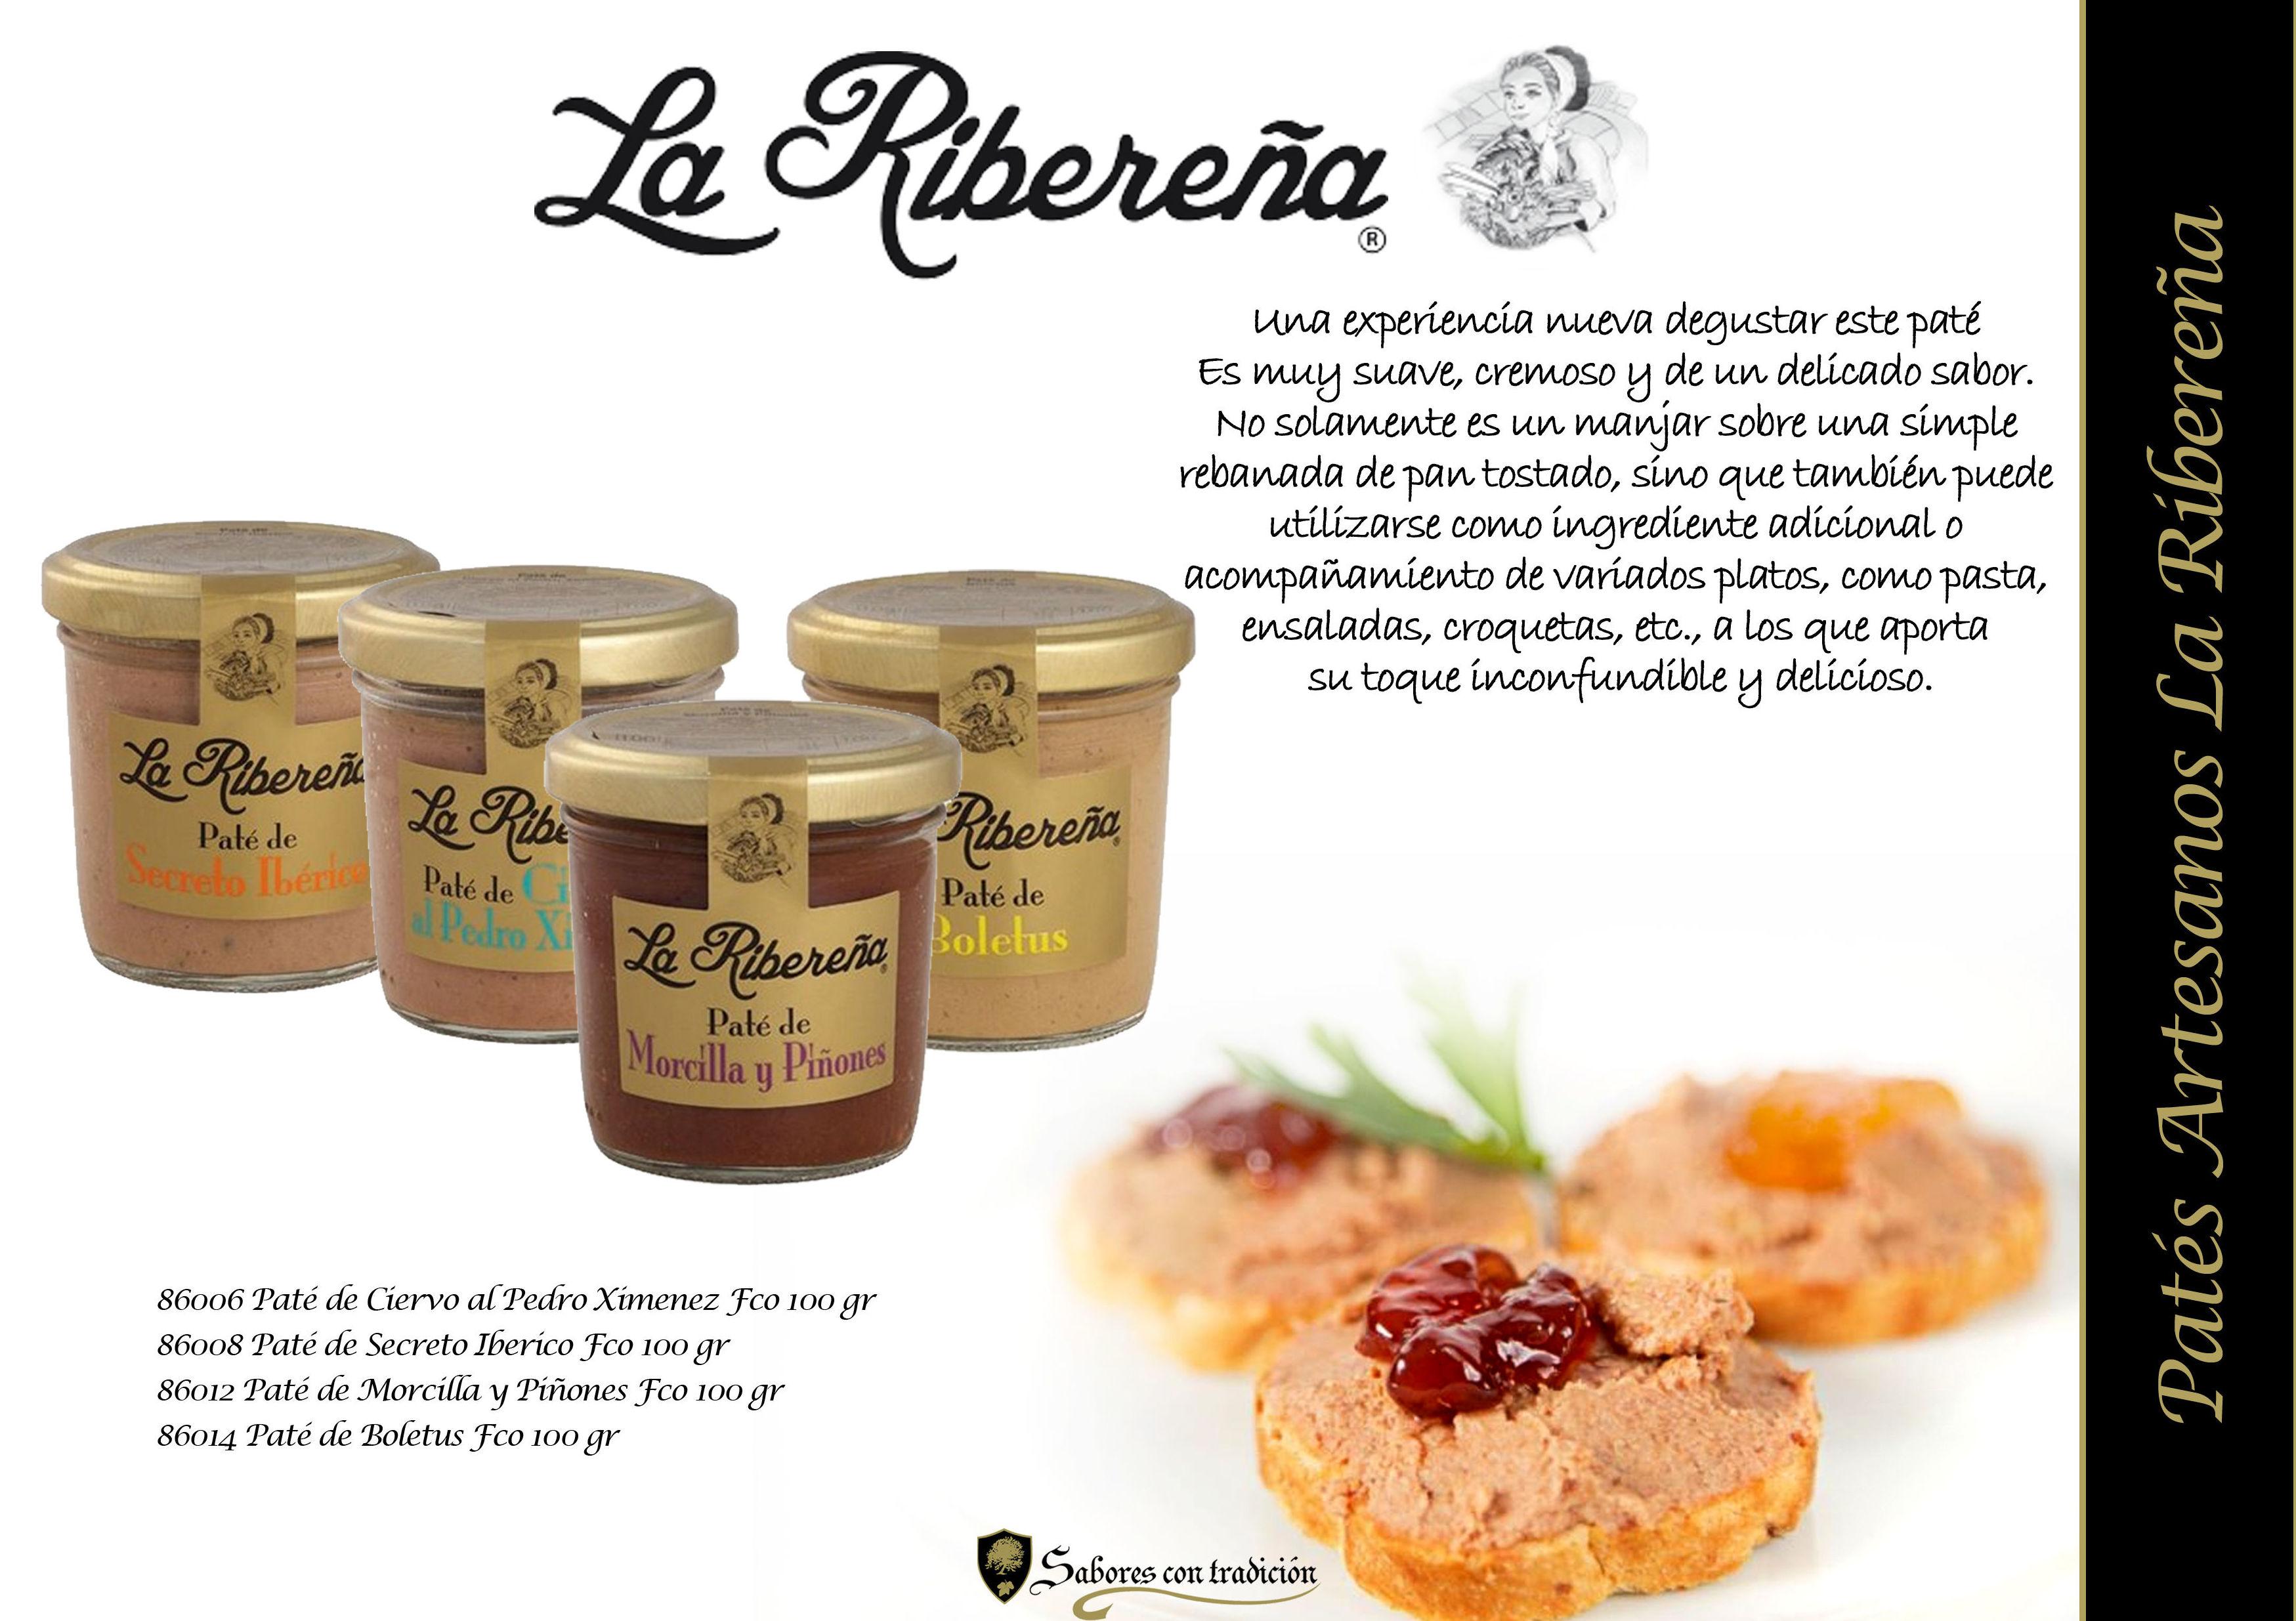 """Pates """" La Ribereña Artesanos """": Productos de Sabores con tradición"""